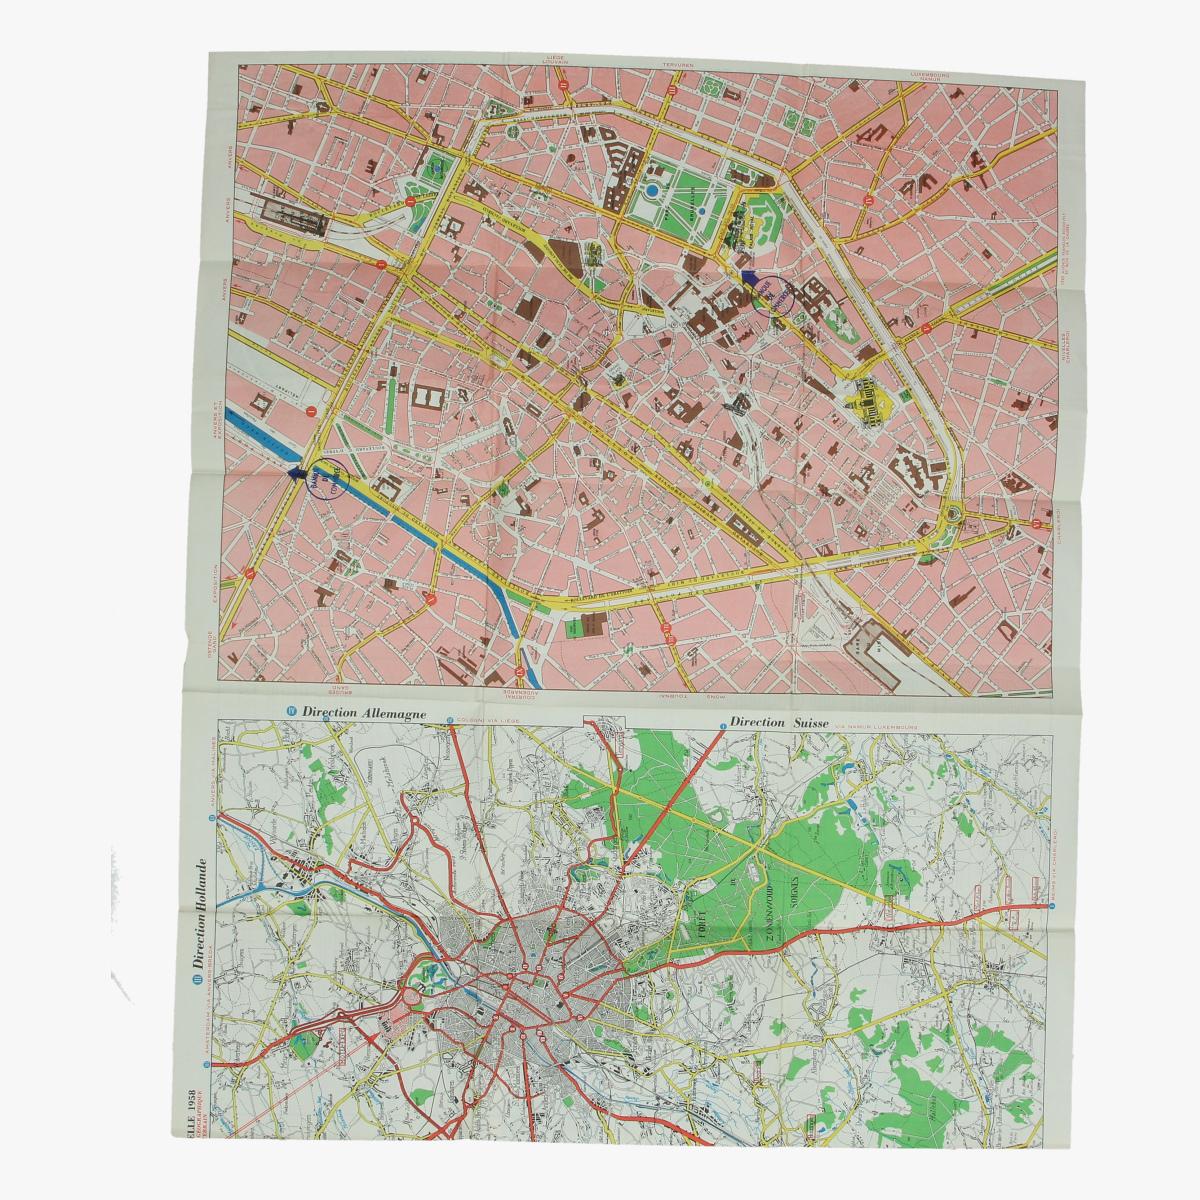 Afbeeldingen van expo 58 3 plans tentoonstelling brussel centrum brussel omgeving 1958